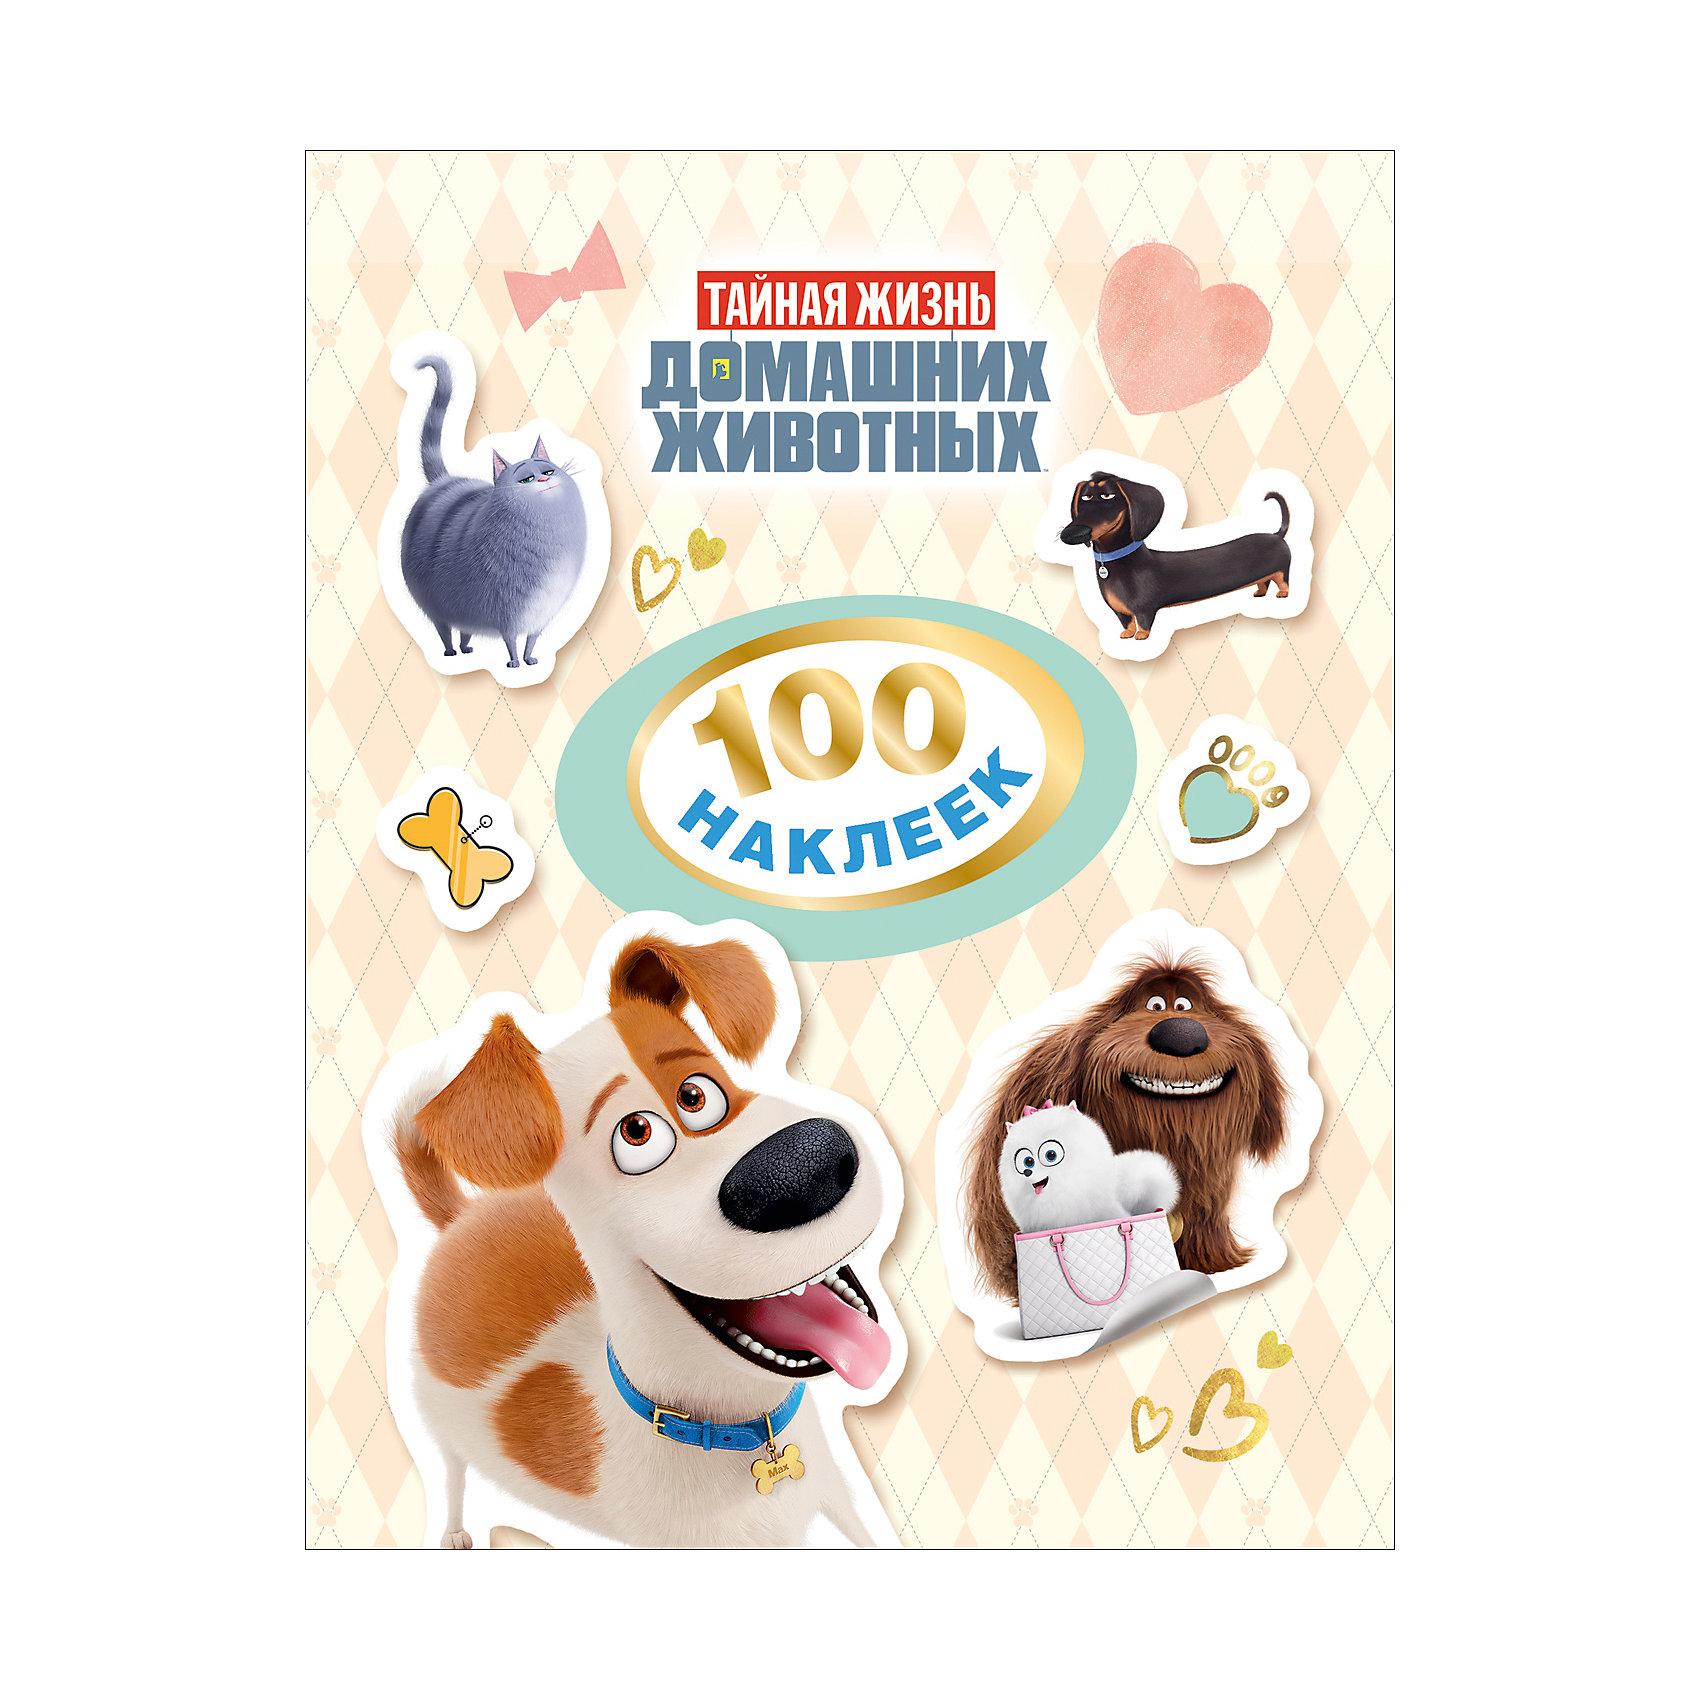 Росмэн 100 наклеек Тайная жизнь домашних животных (бежевая книга) бологова в моя большая книга о животных 1000 фотографий